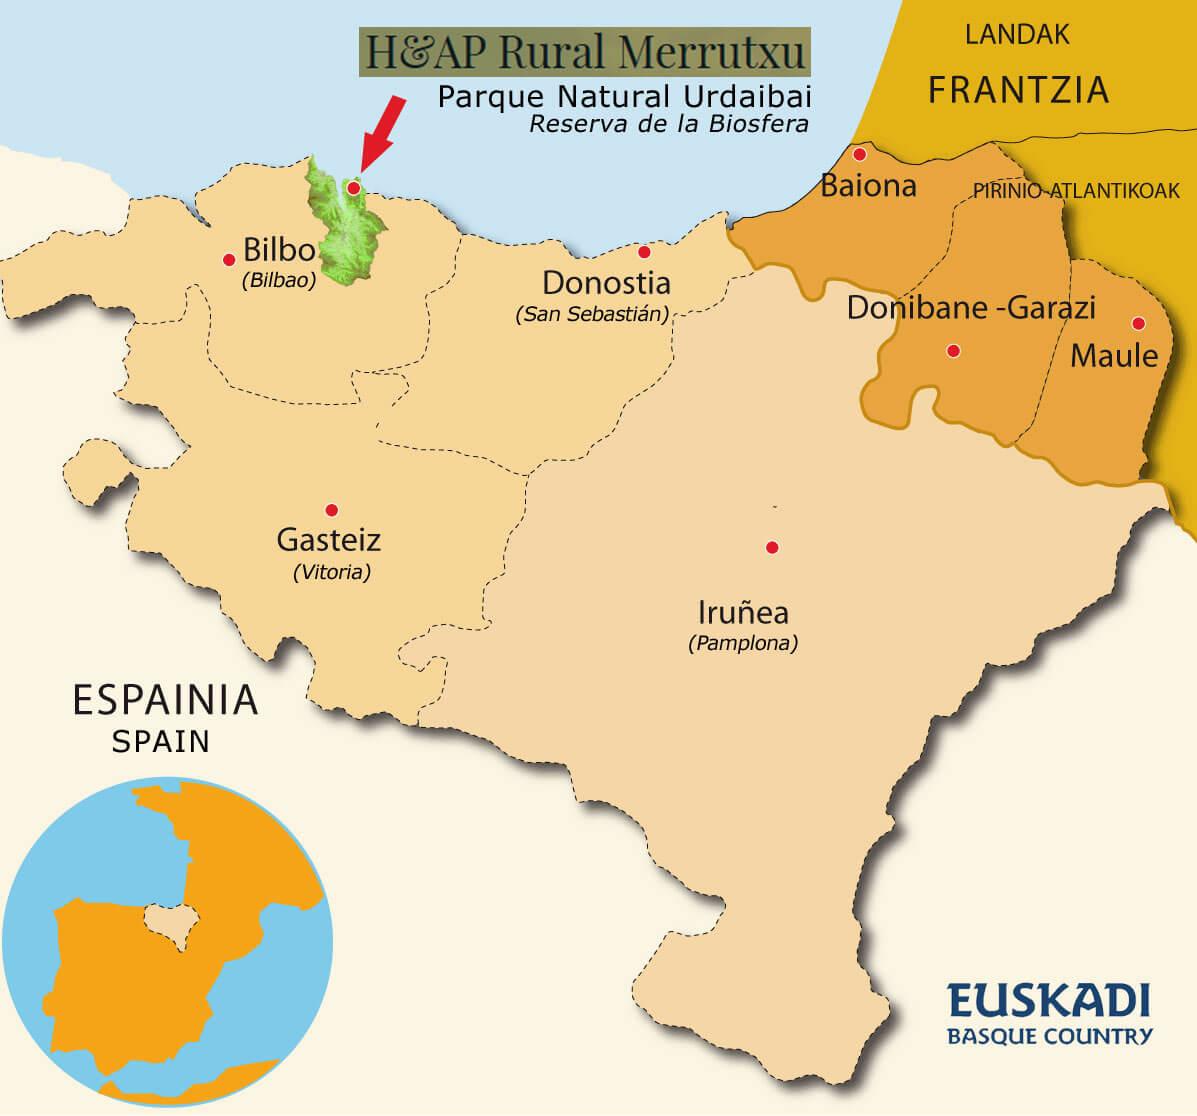 mapa del País vasco